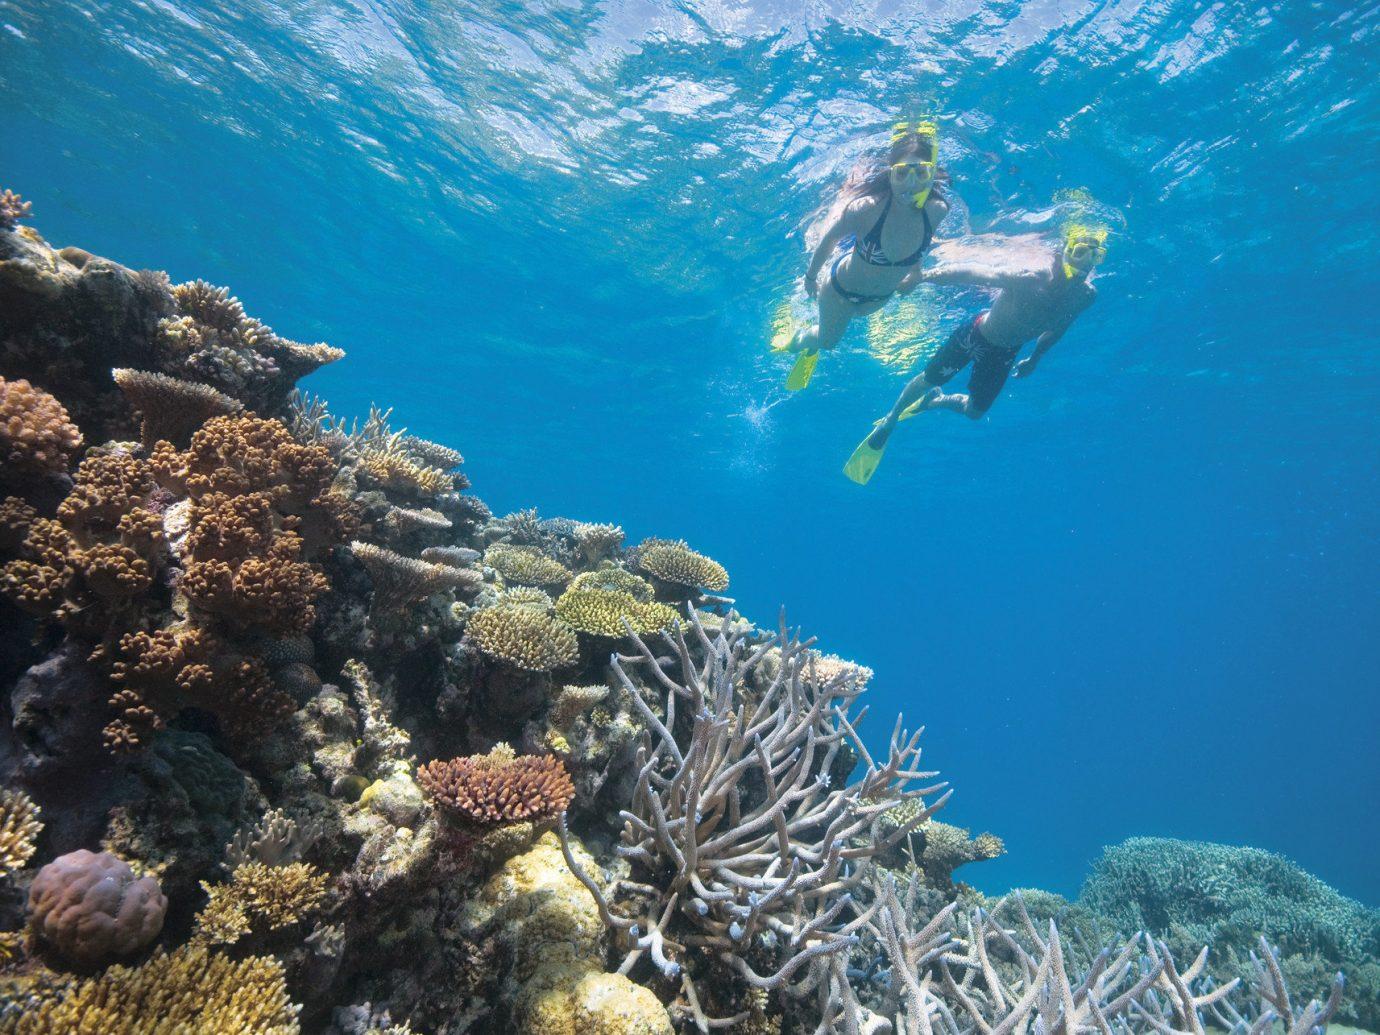 Trip Ideas coral reef reef marine biology underwater Ocean Sea rock biology Nature diving coral reef fish sports coral